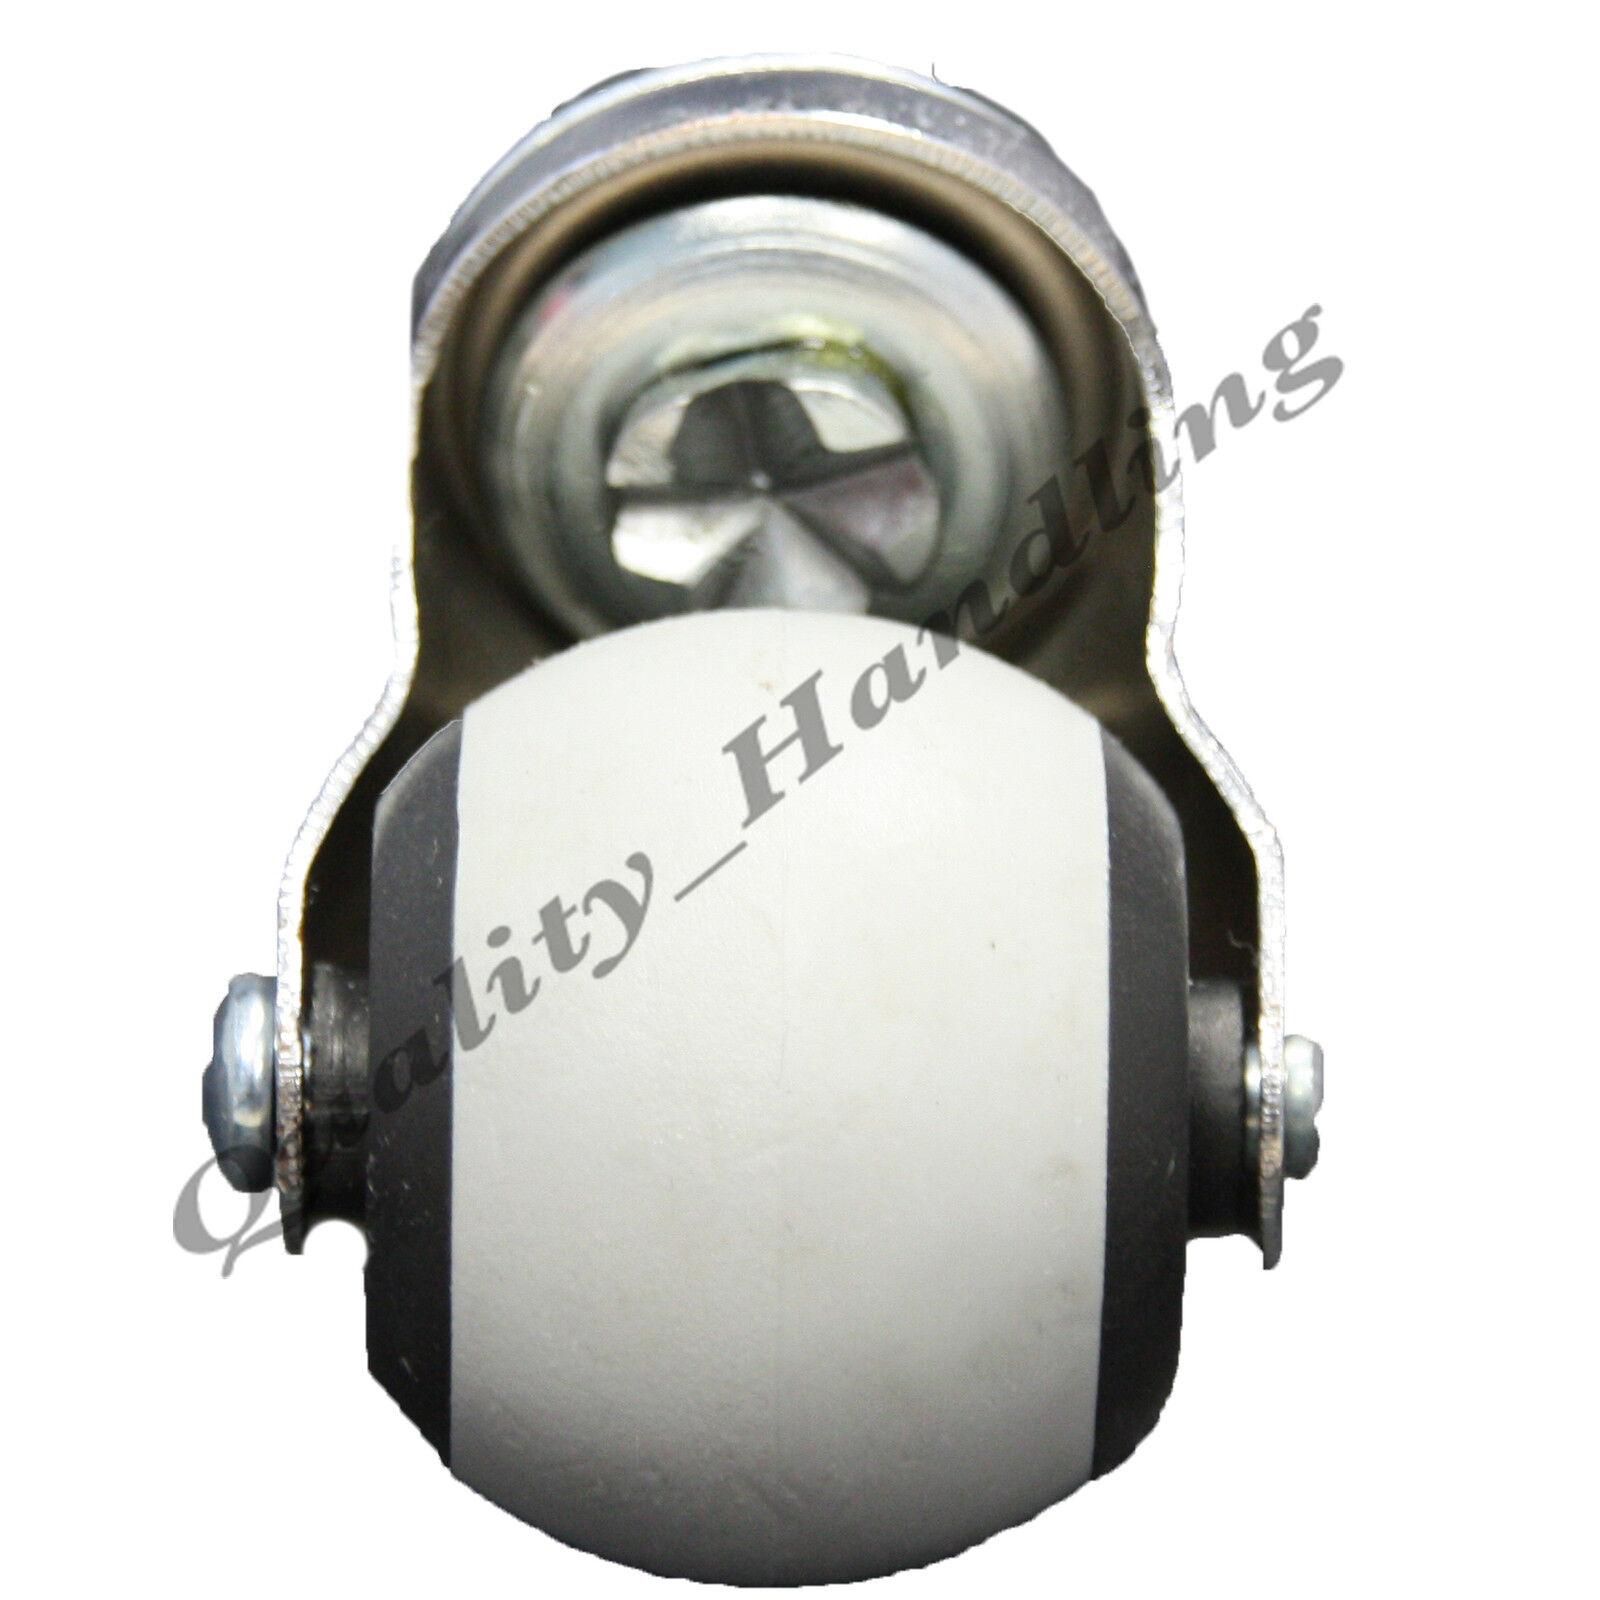 s l1600 - 4 - 40mm Muebles ruedas giratorias - goma suave M10 rosca para madera baldosa